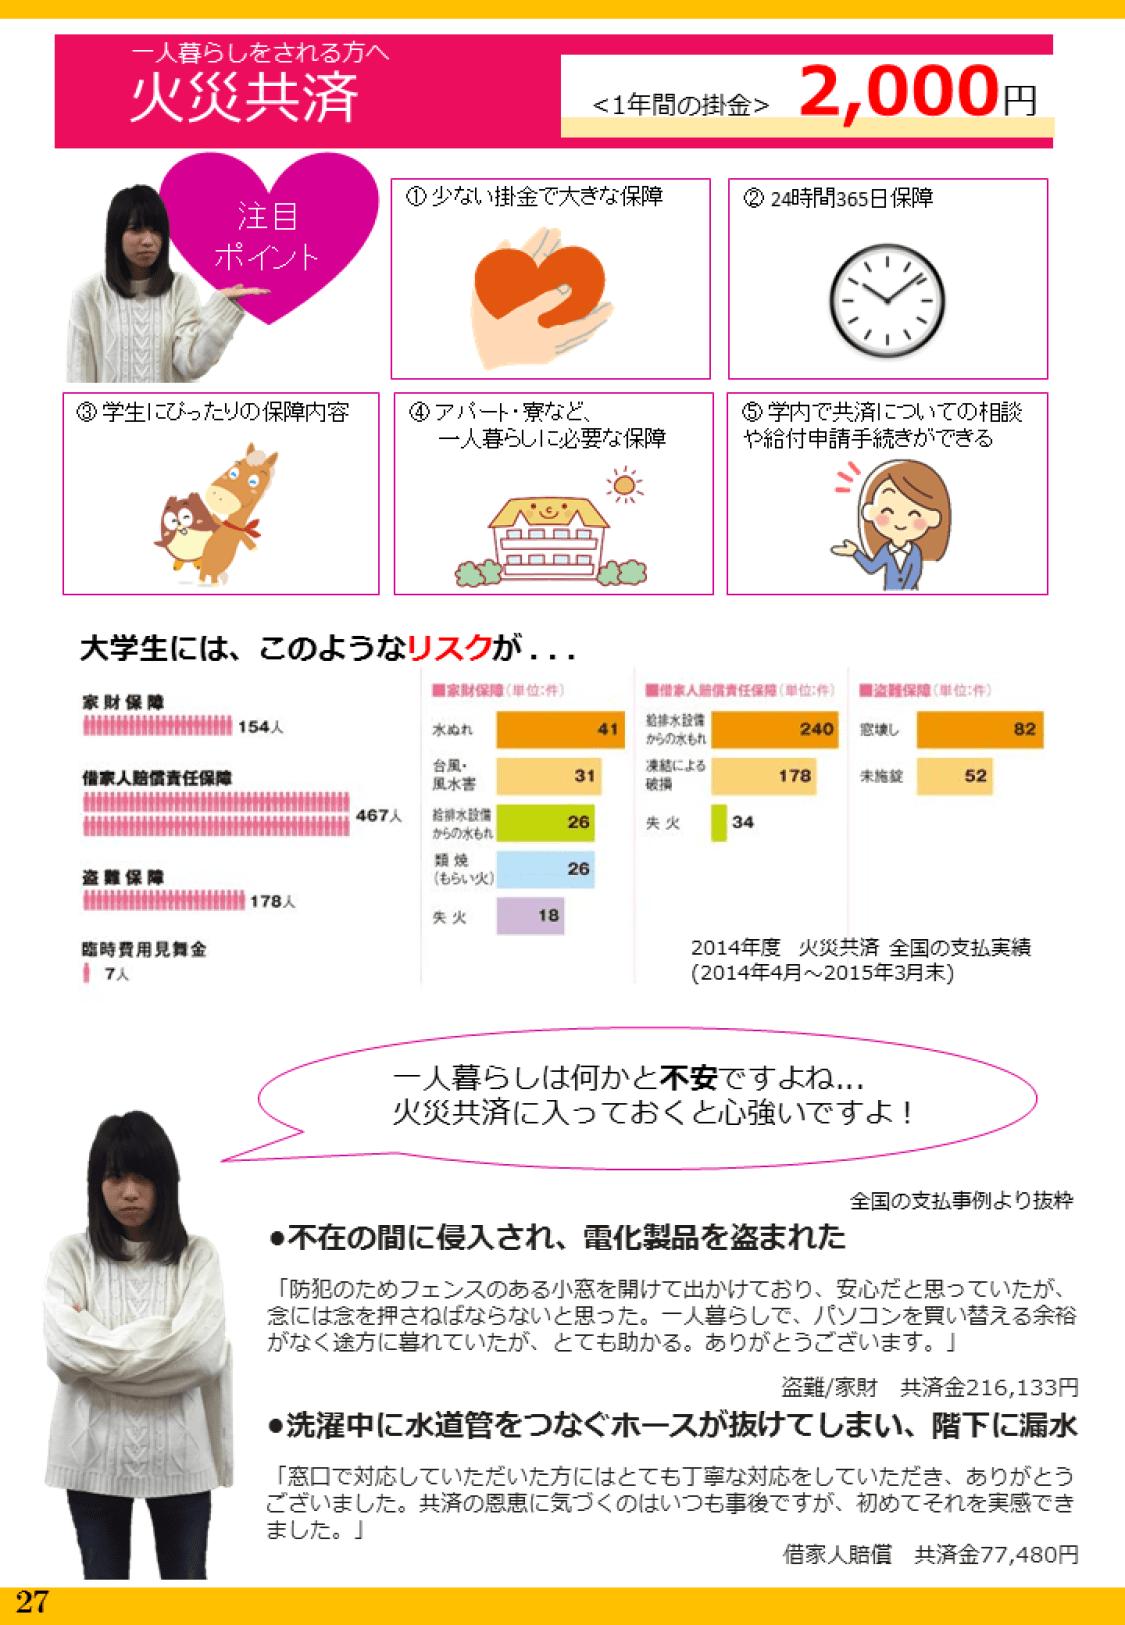 kyousai2016_3